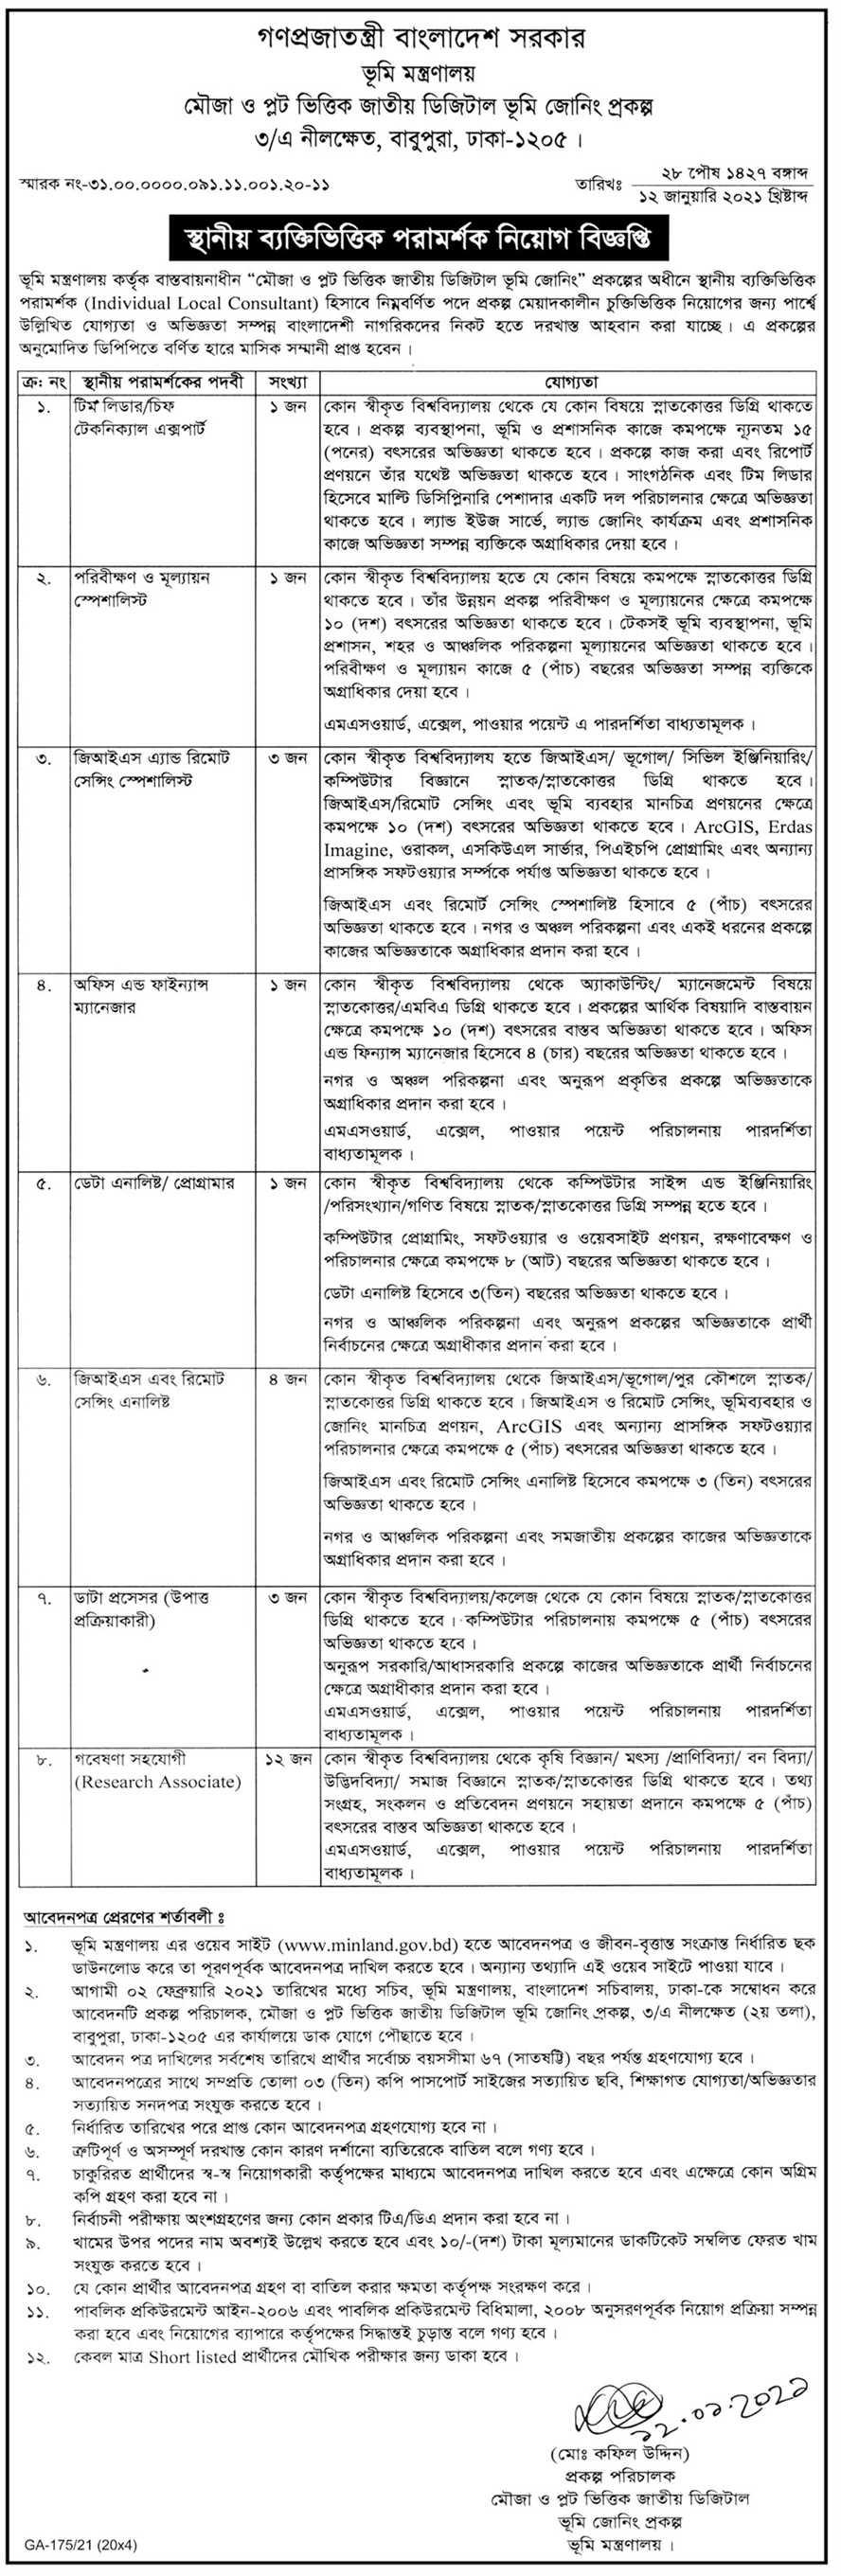 ভূমি মন্ত্রণালয় নিয়োগ বিজ্ঞপ্তি ২০২১ -  Ministry Of Land Job Circular 2021